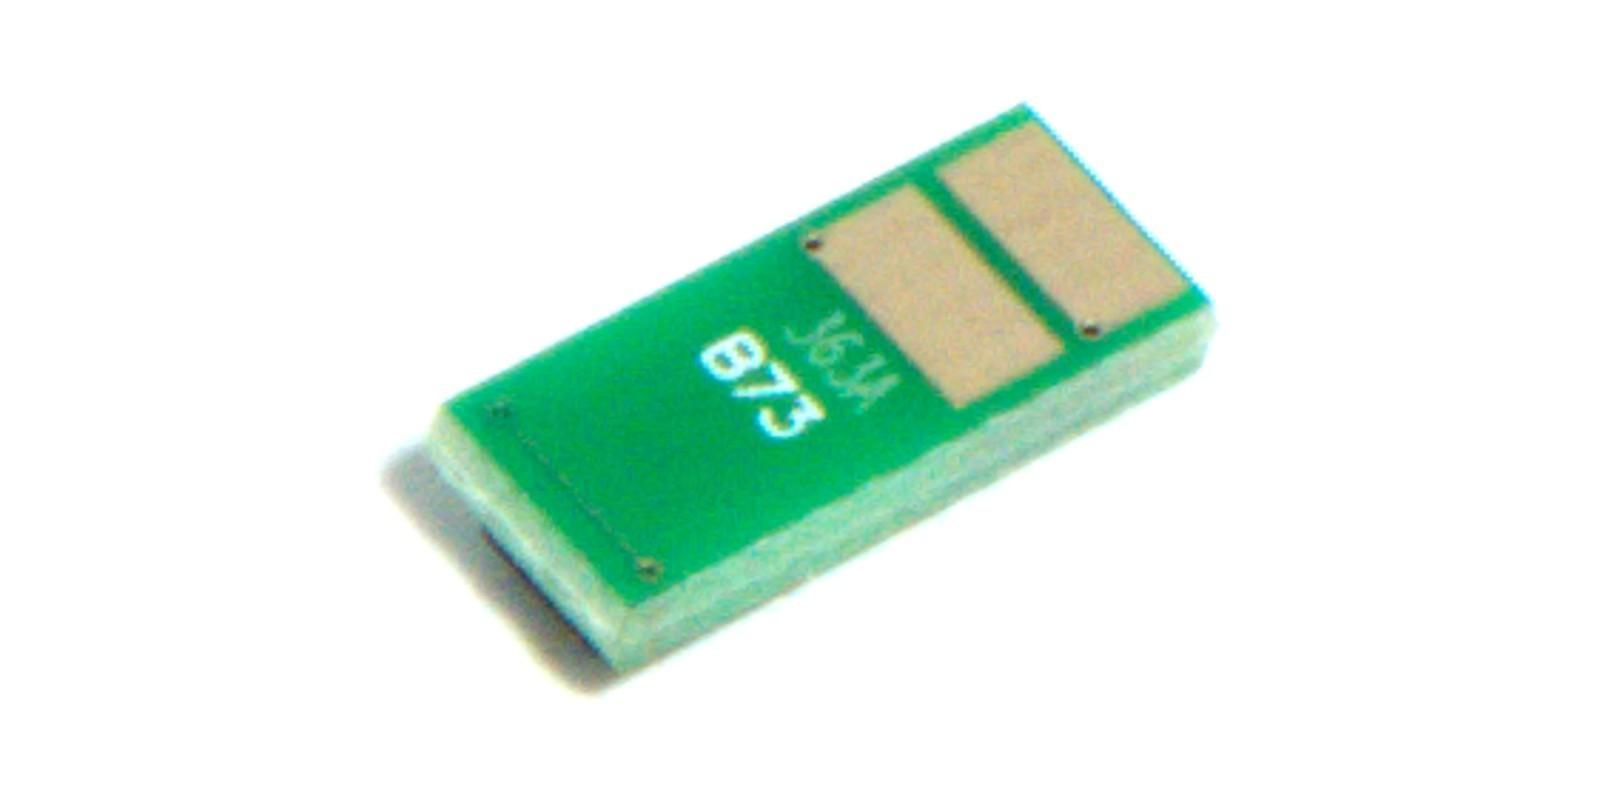 Чип (CHIP) MAK© 508A CF361A голубой (cyan), до 5000 стр. Скидка 5% при покупке полного комплекта из 4 цветов Производство APEX.